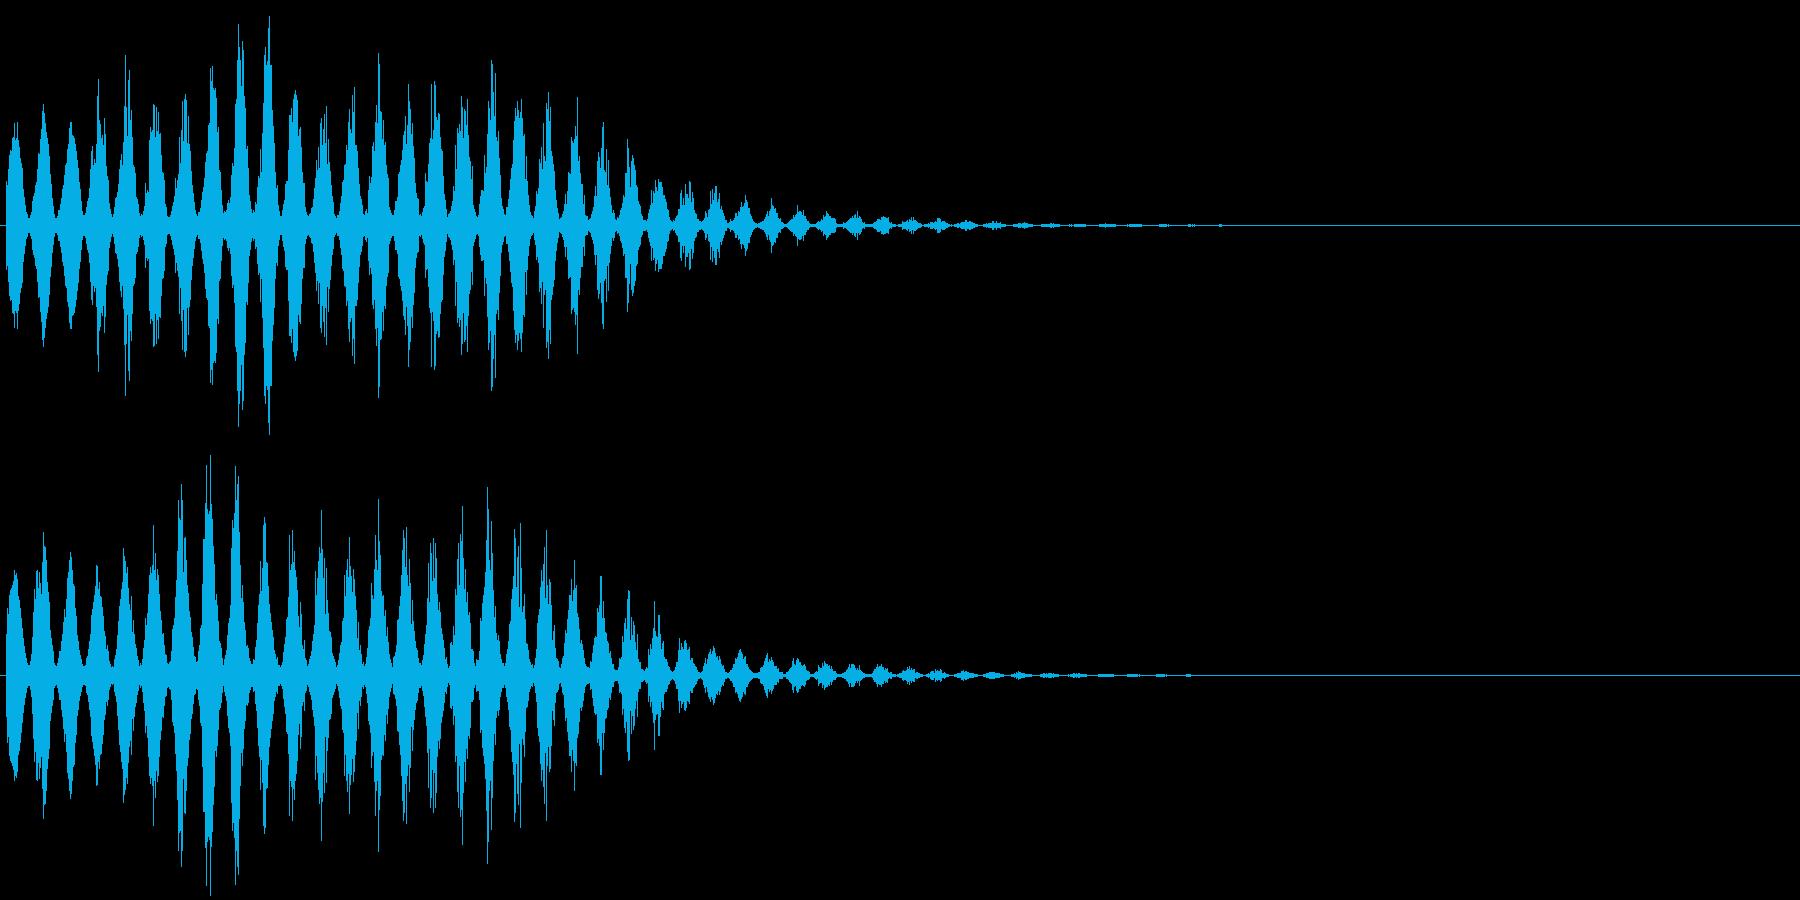 魔法音11(風系)の再生済みの波形